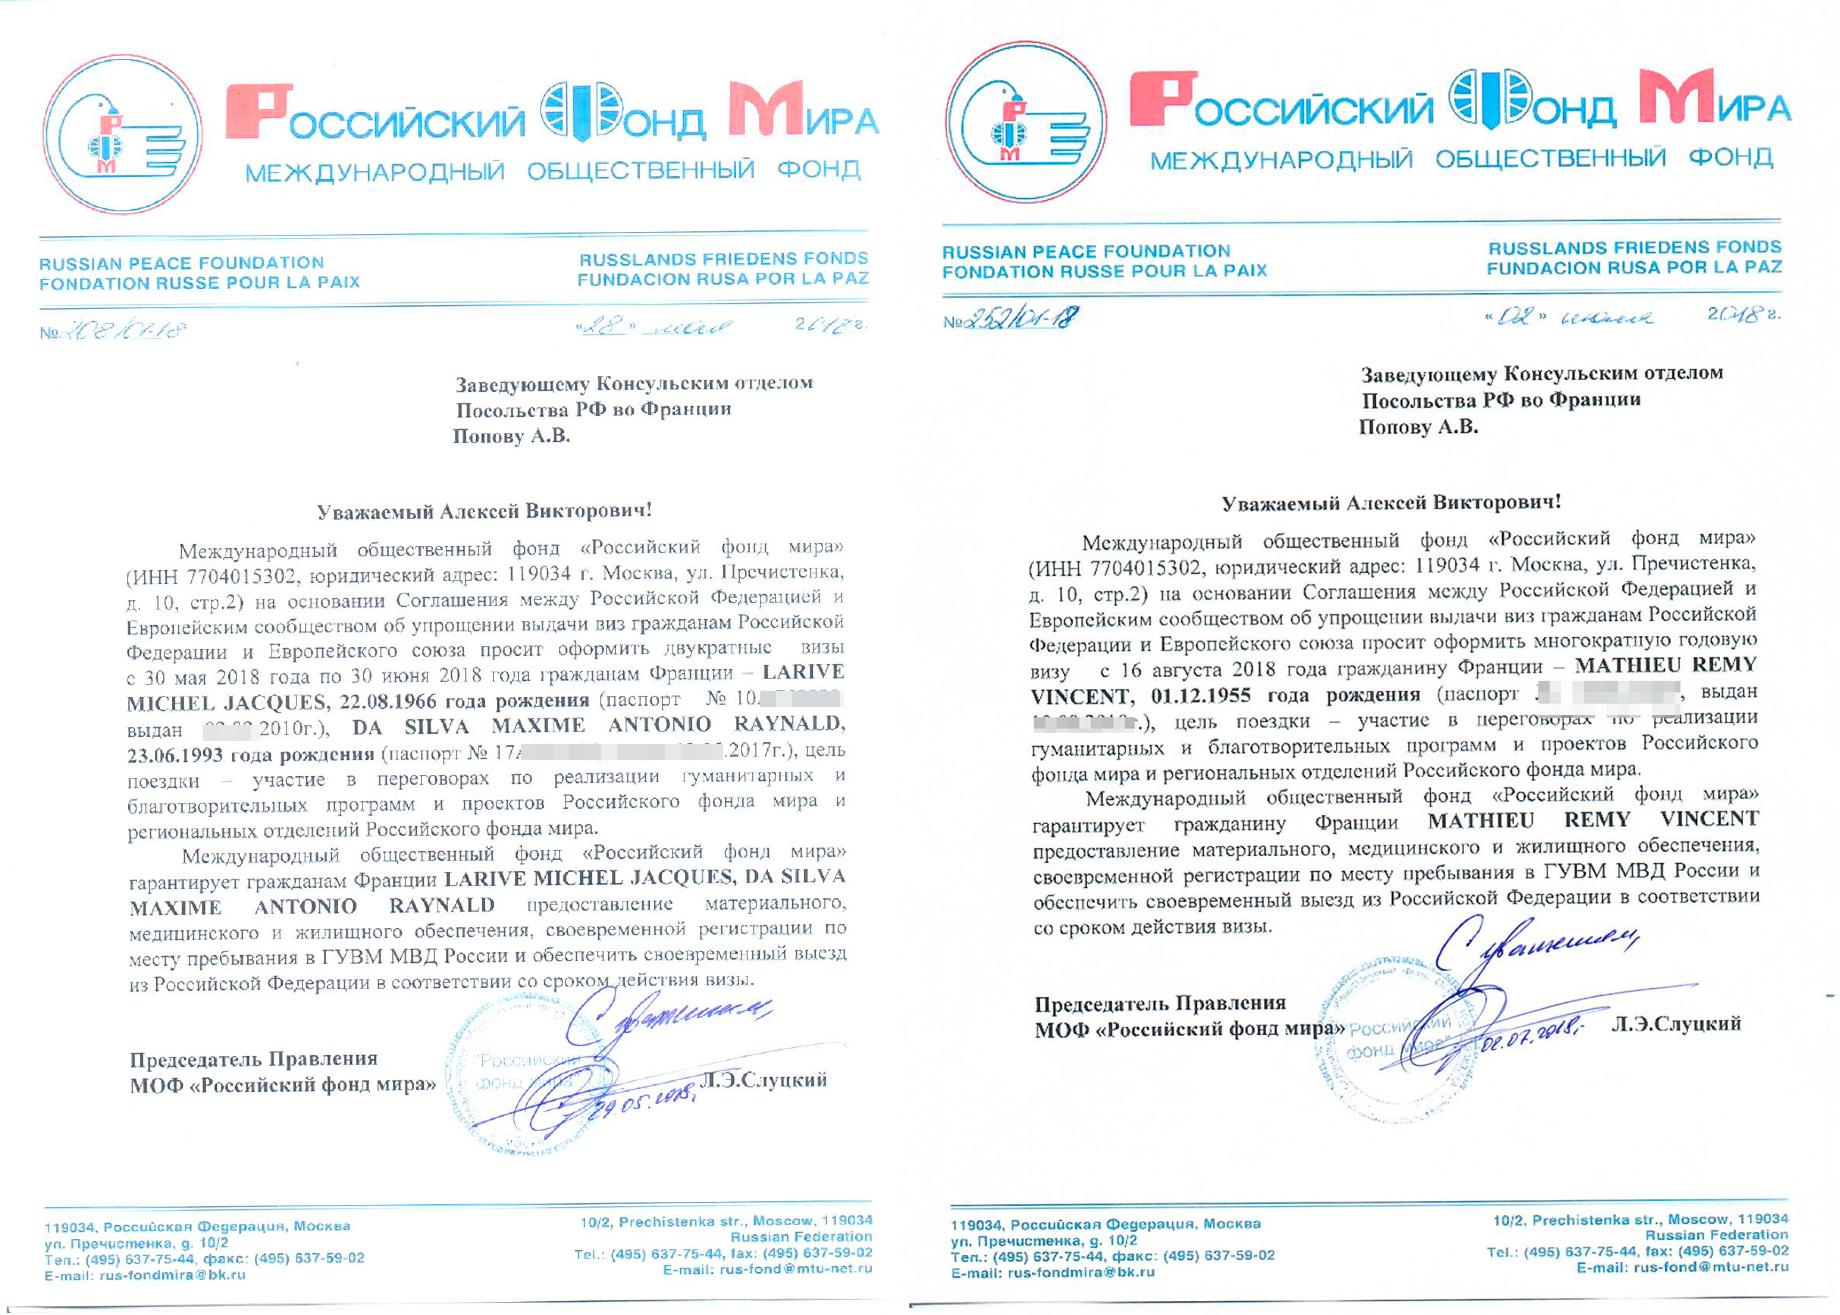 Хотим как в Париже. Документы подтвердили контакты российских властей с «желтыми жилетами» и немецкими националистами